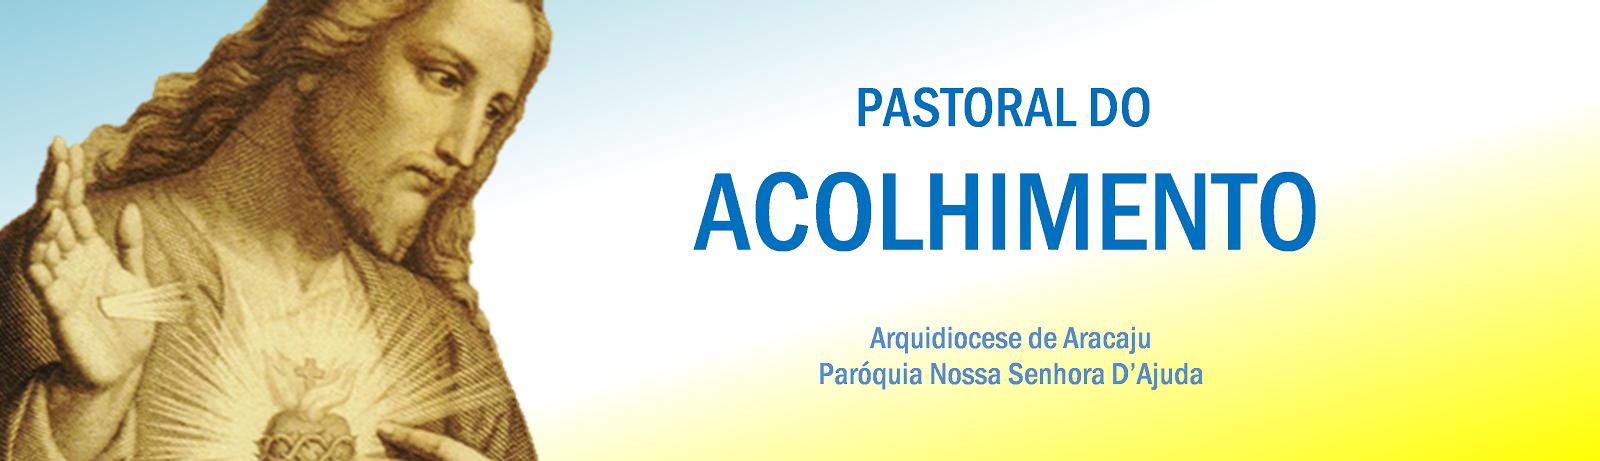 Pastoral do Acolhimento Nossa Senhora D´ajuda.